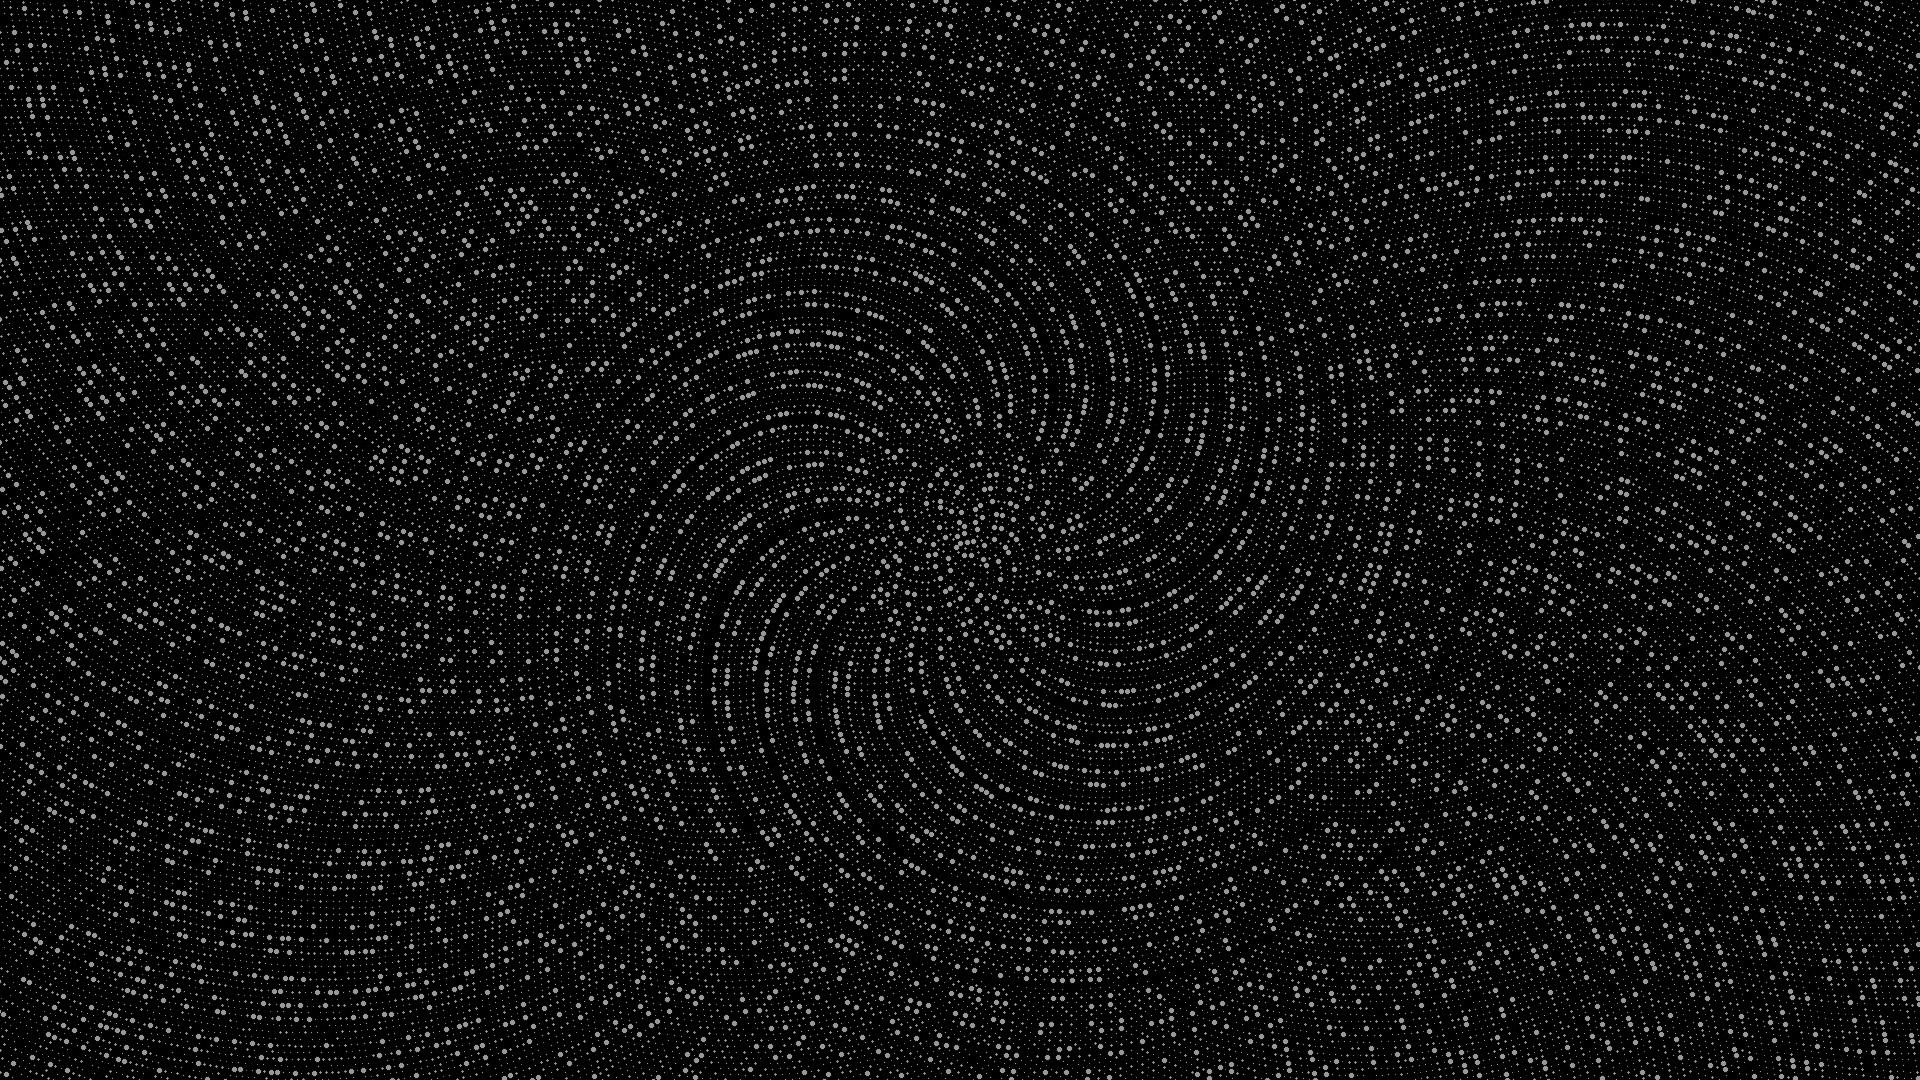 Wallpaper : 1920x1080 Px, Dots, Golden Ratio, Monochrome